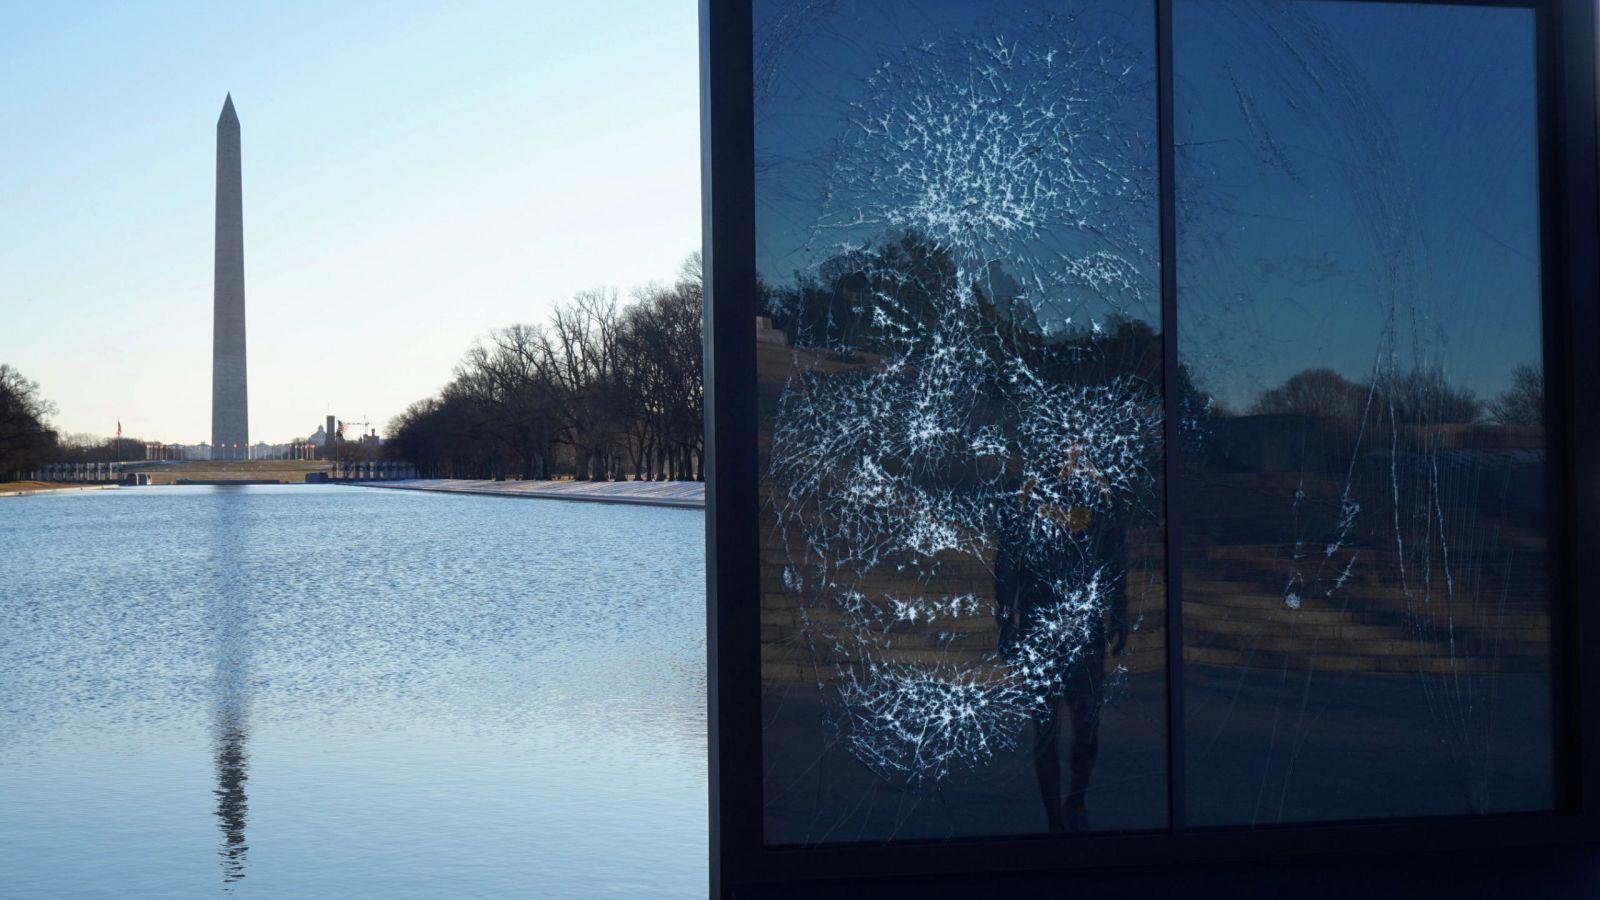 Kamala Harris: Το διάσημο πορτρέτο της από θρυμματισμένο γυαλί είναι ένα μήνυμα για την ισότητα